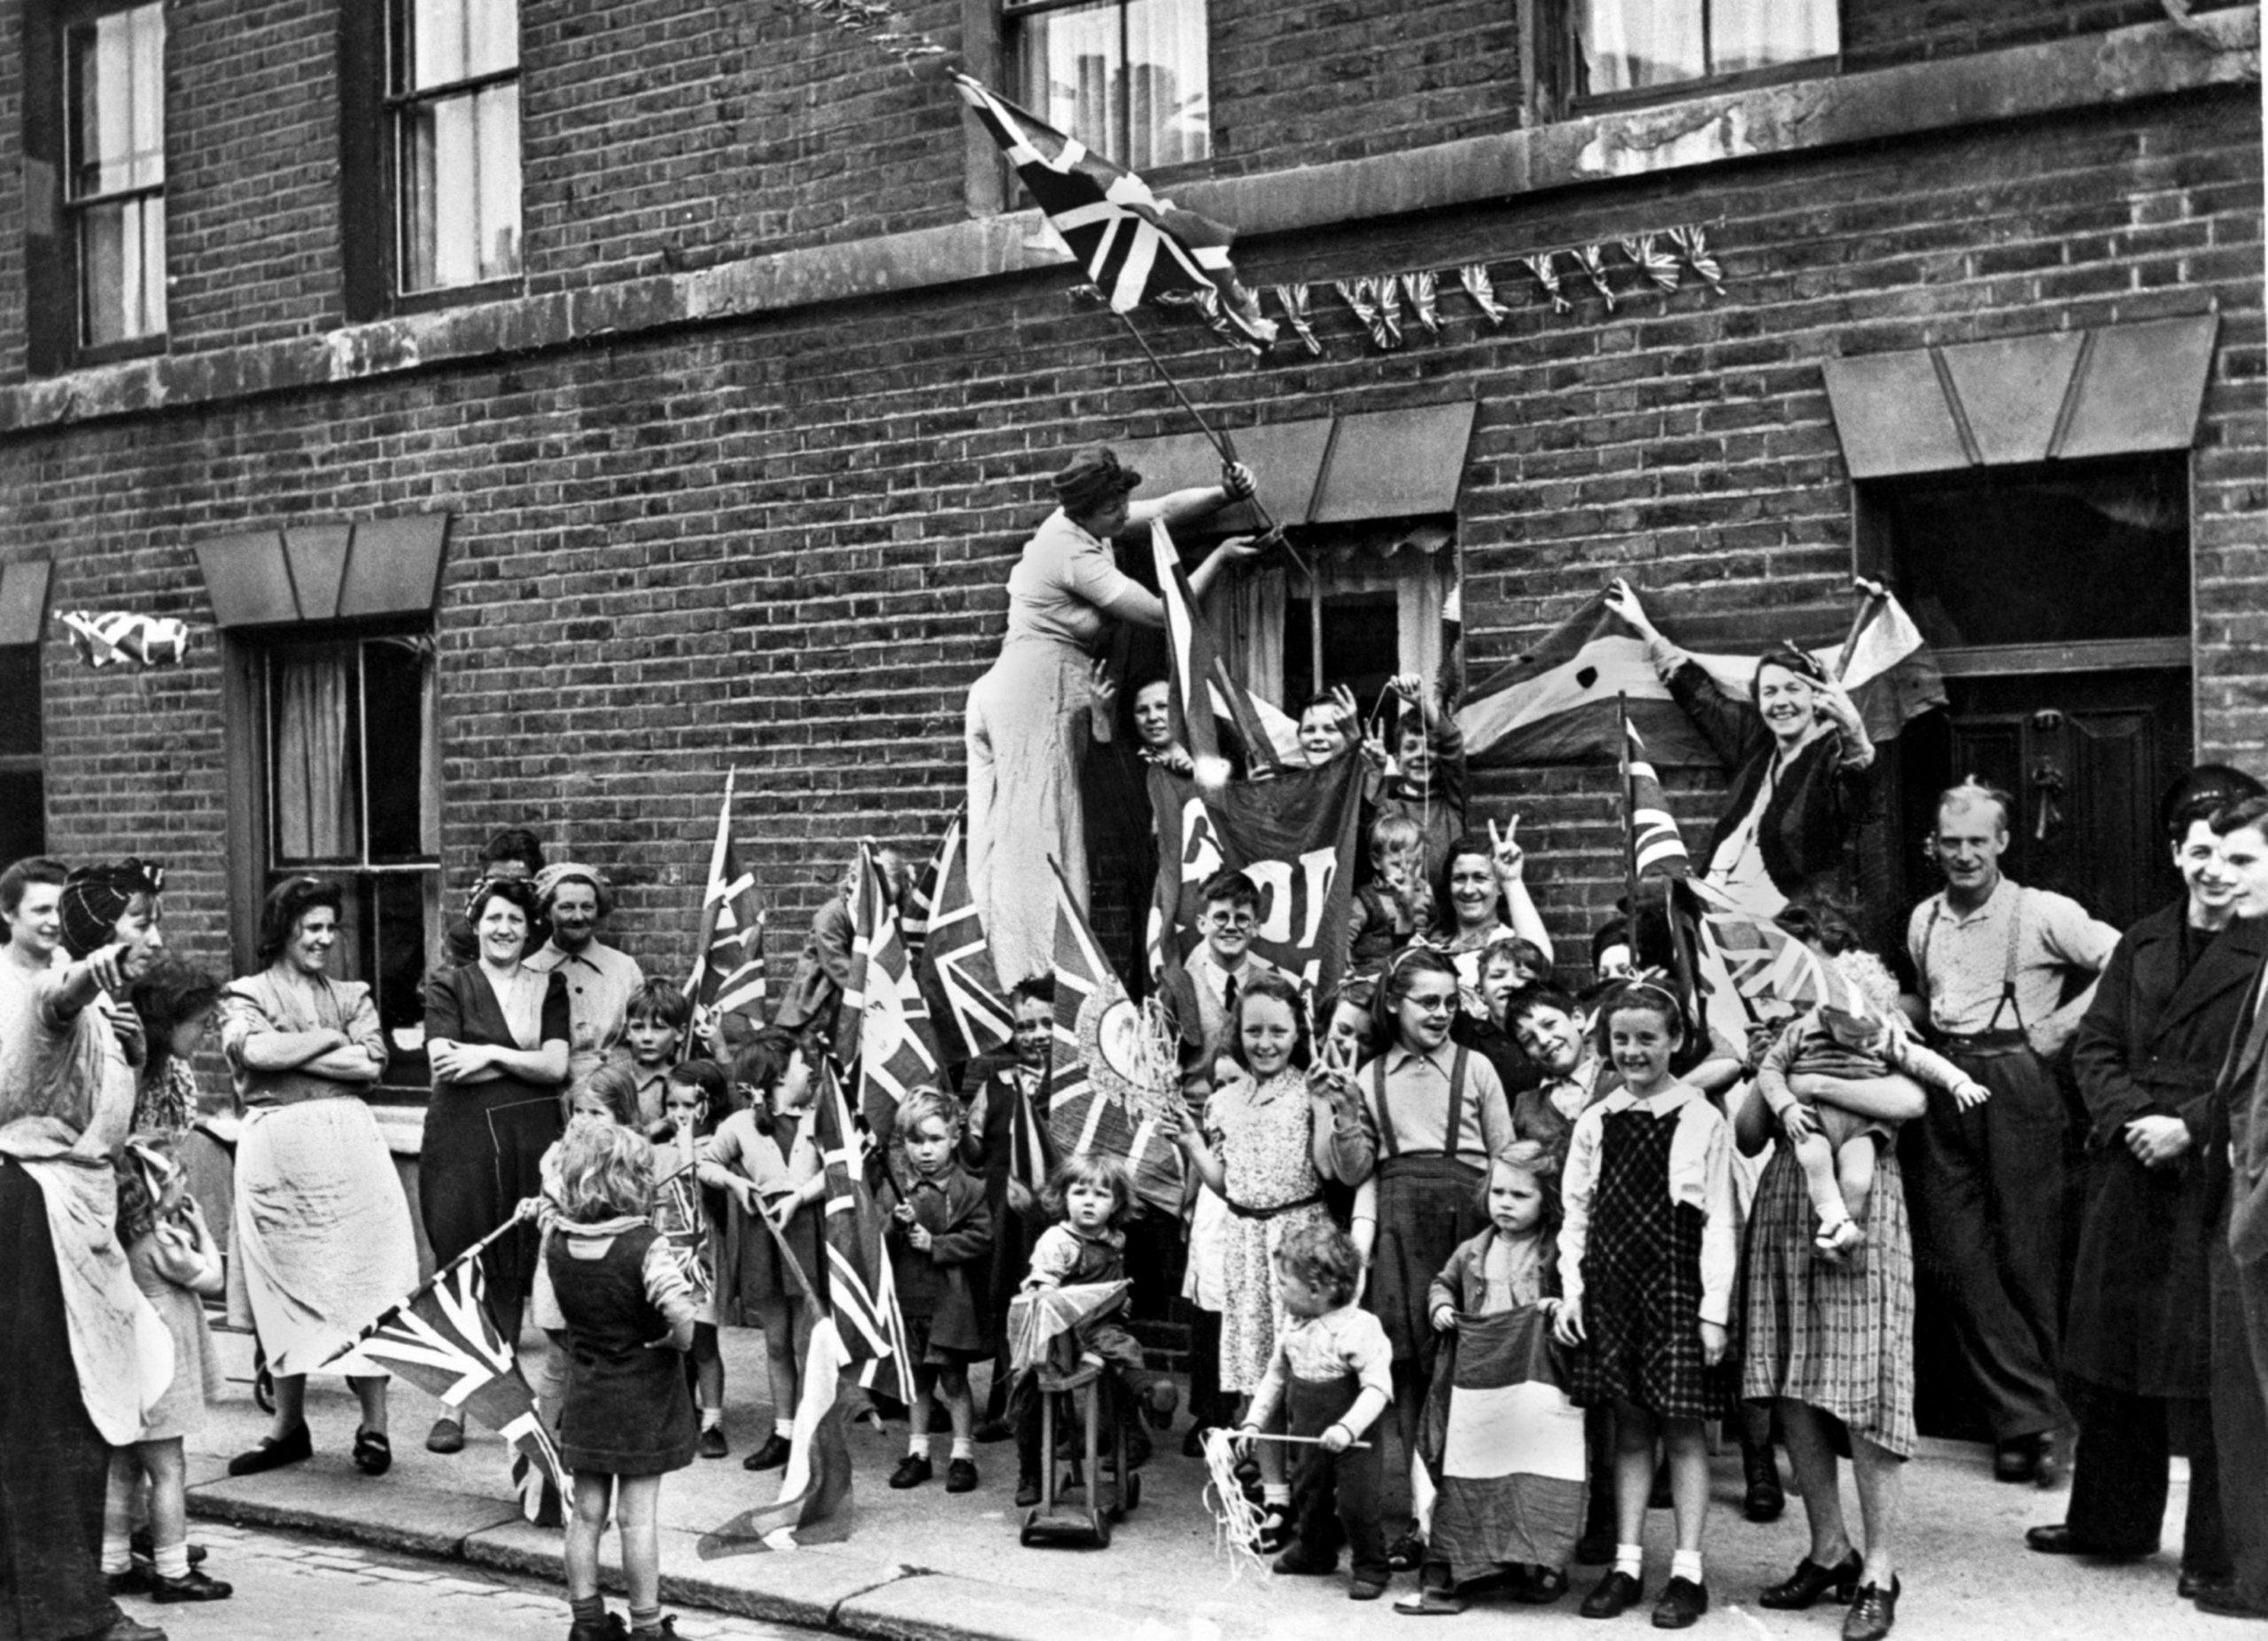 VE day celebrations in London 1945.